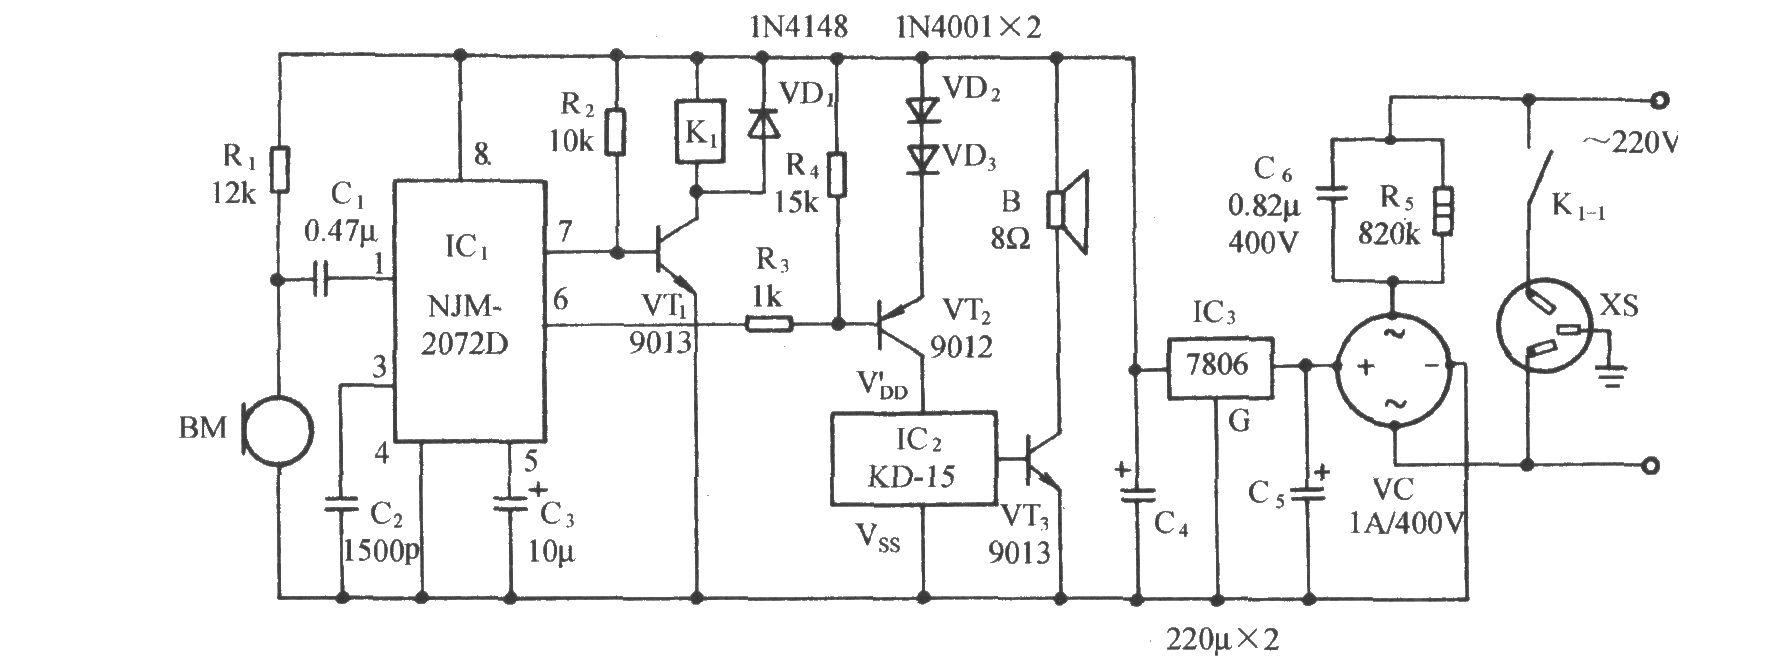 继电器控制电路,乐曲发声电路和交流降压整流电路等